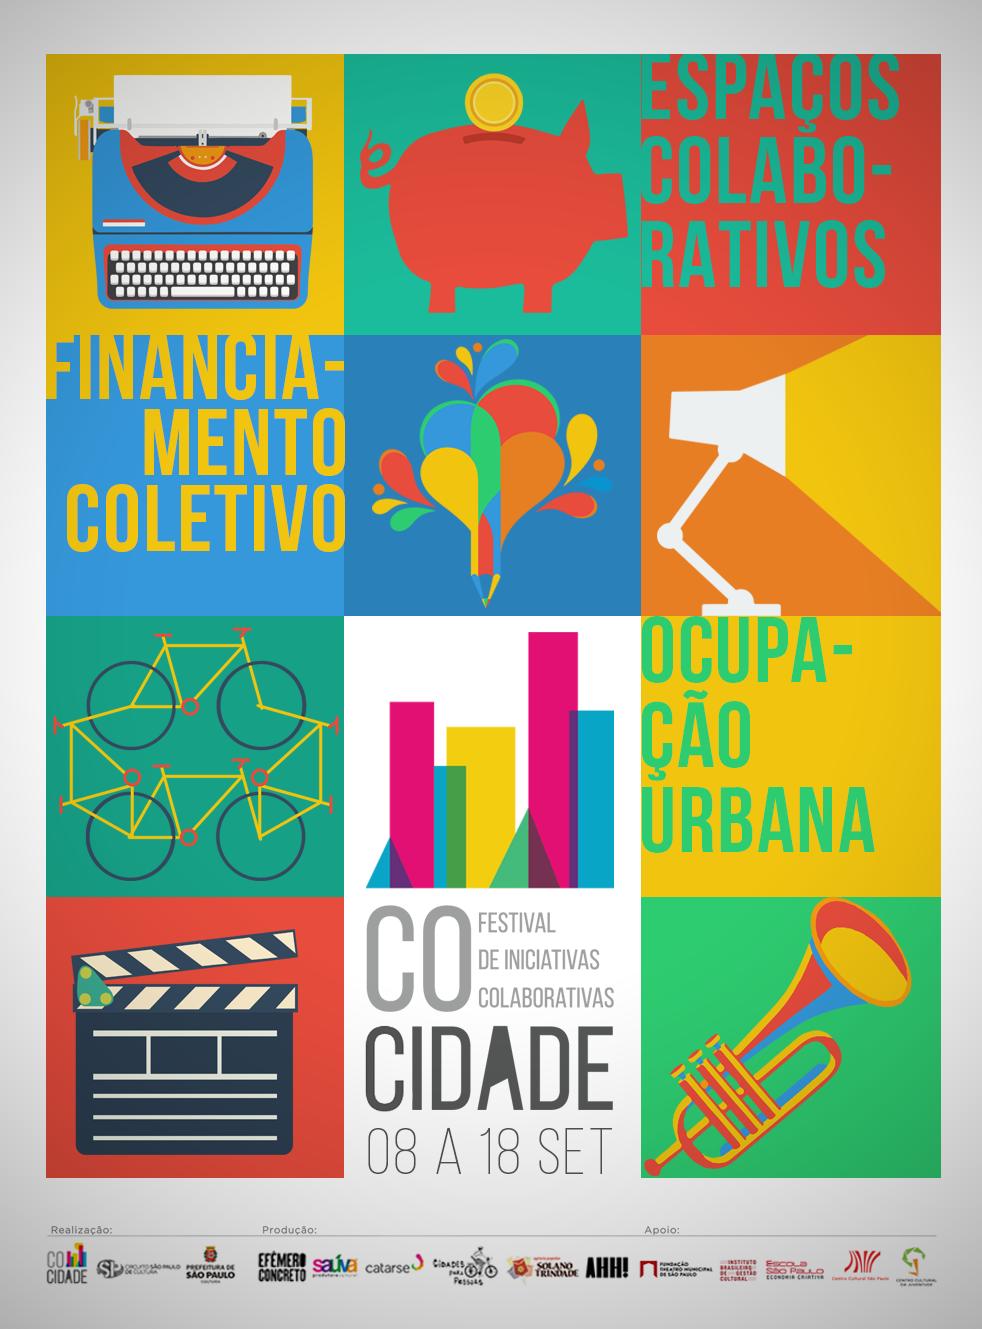 PosterFlatDesign.png